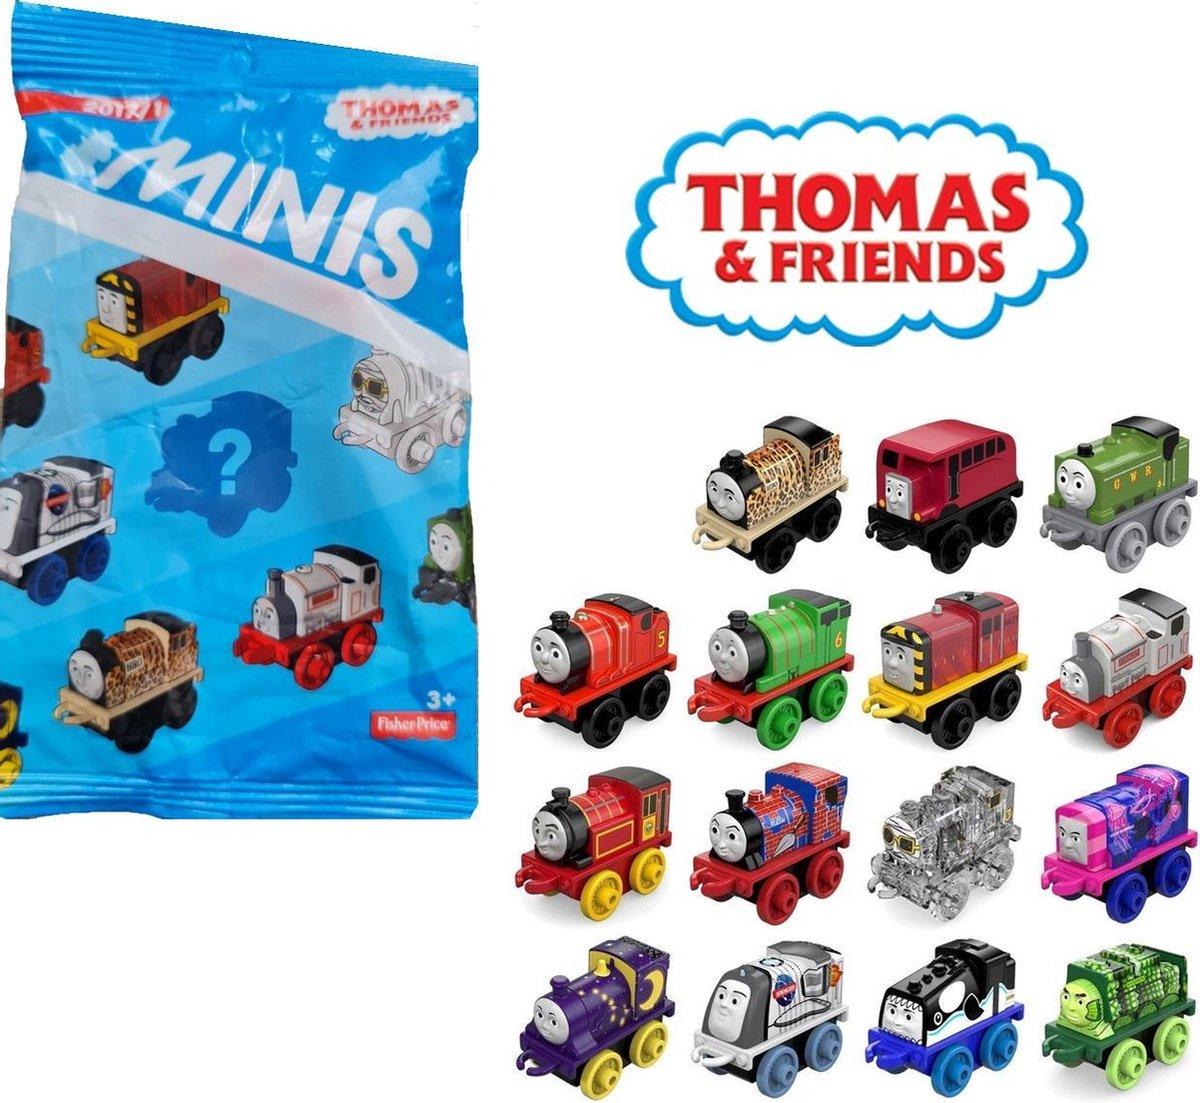 Thomas De Trein Friends Mini figuurtje - Serie 2017 - 1 zakje - 1 figuurtje - 4.5 cm groot